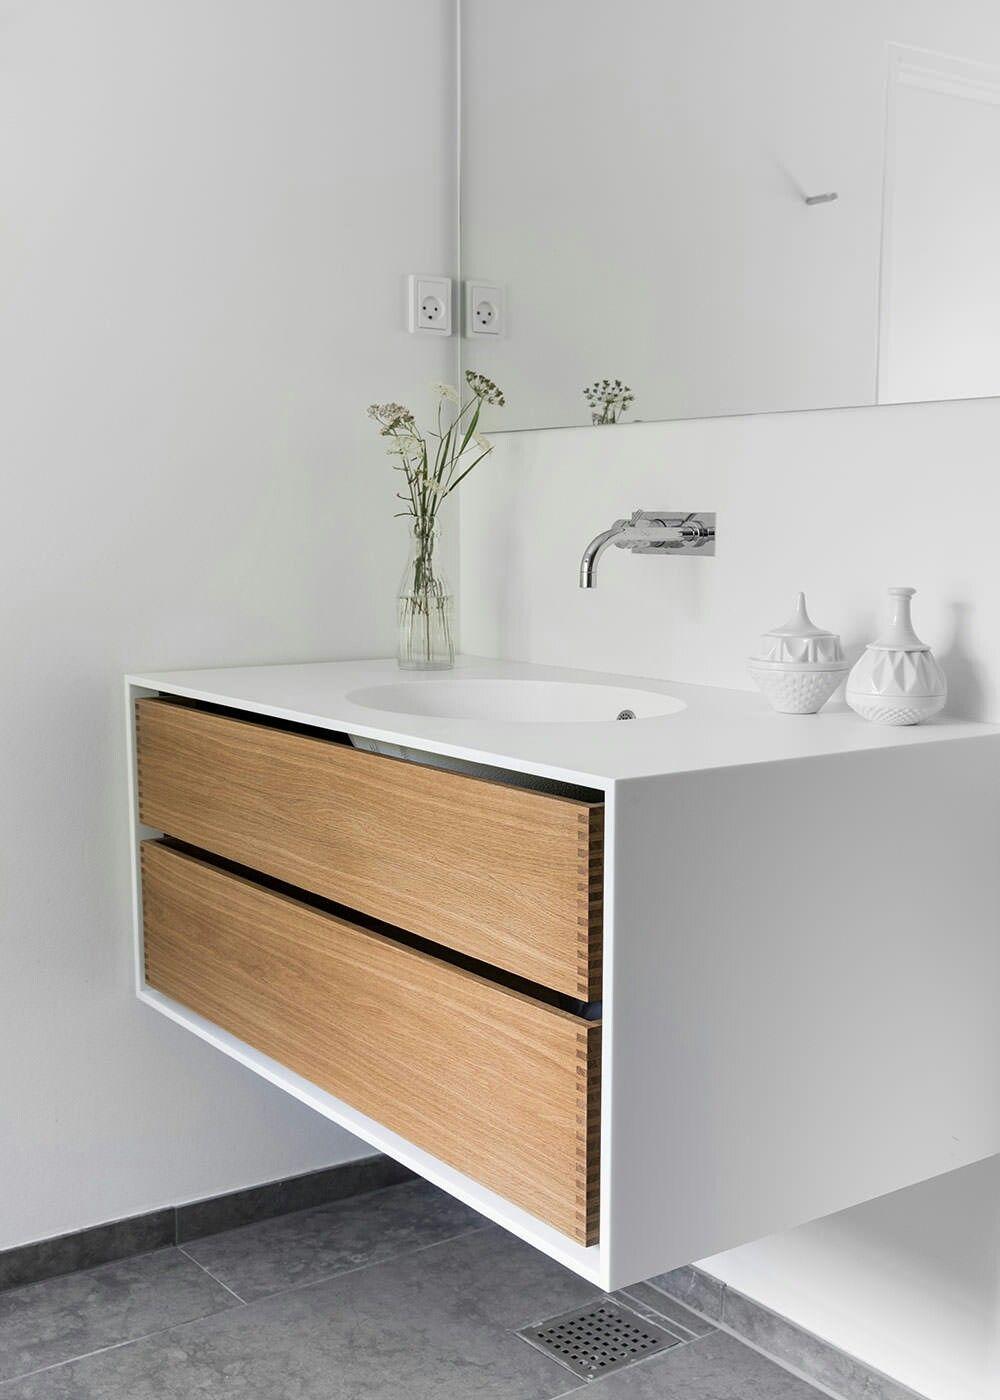 Bespoke Bathroom Furniture From Garde Hvalsoe In Oak Wood The